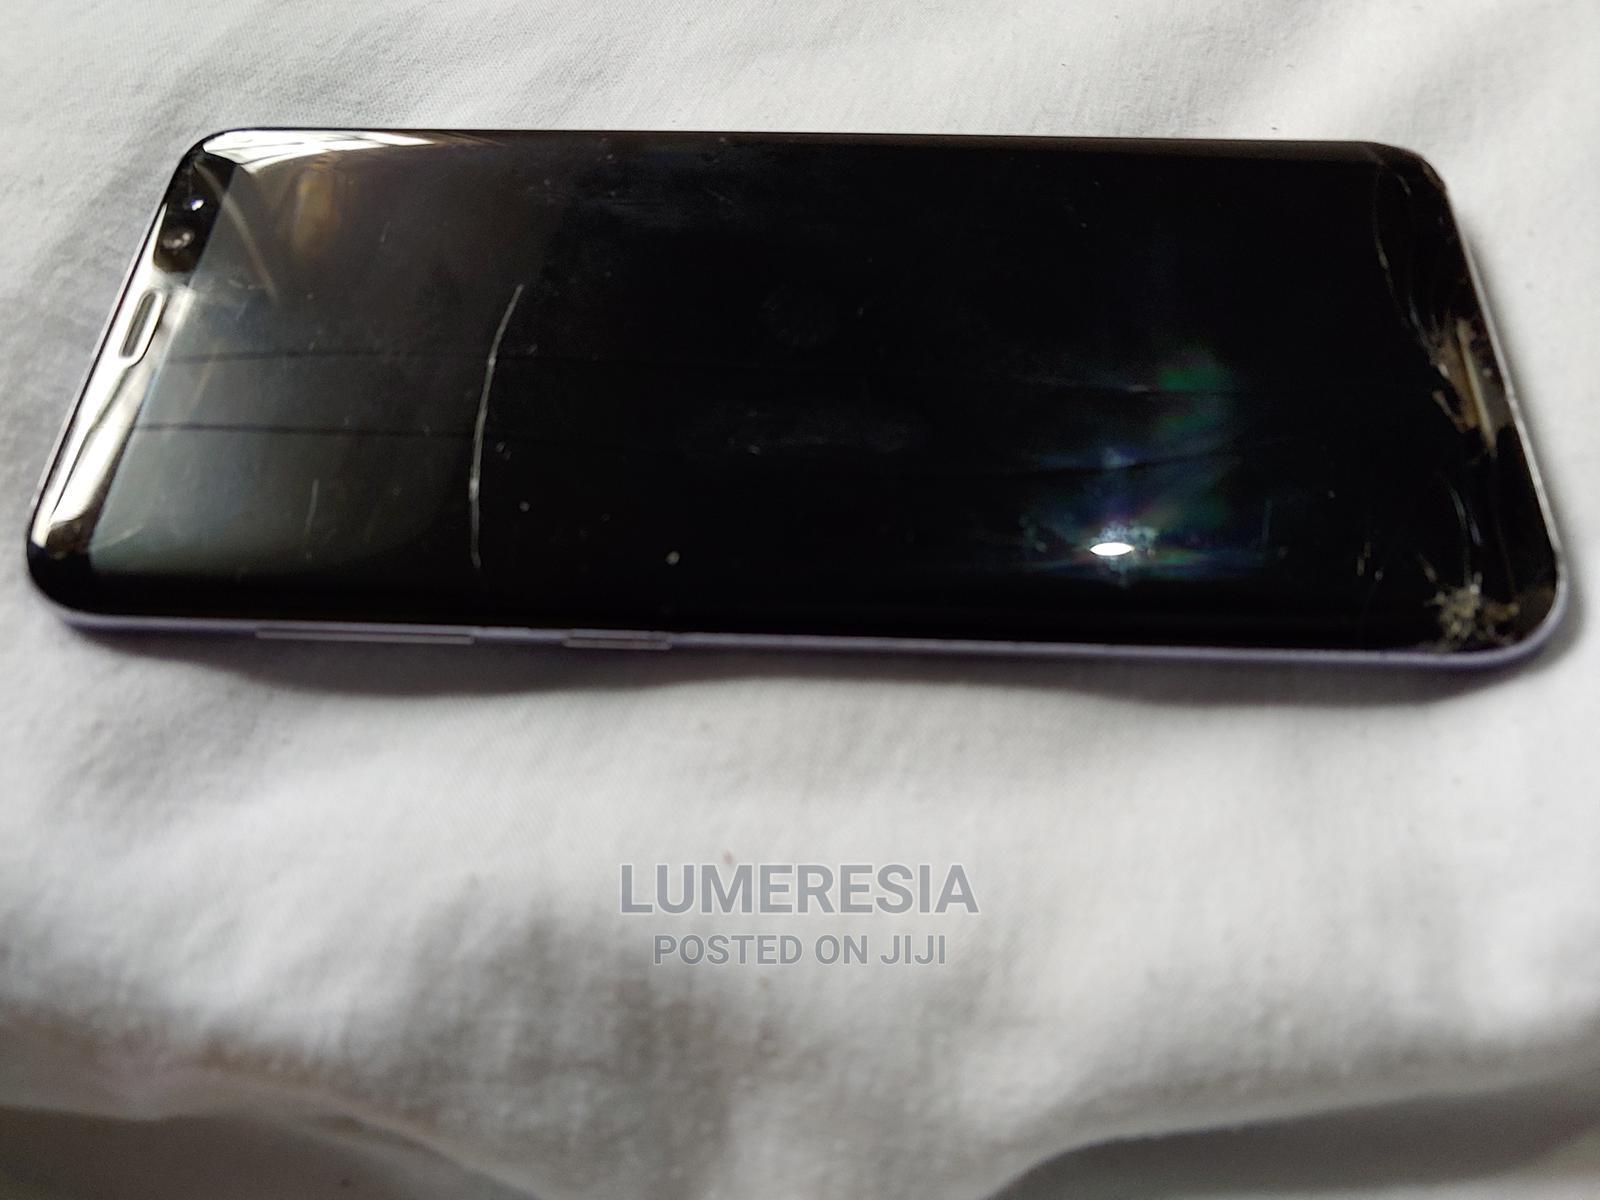 Samsung Galaxy S8 Plus 64 GB Gray | Mobile Phones for sale in Ilemela, Mwanza Region, Tanzania